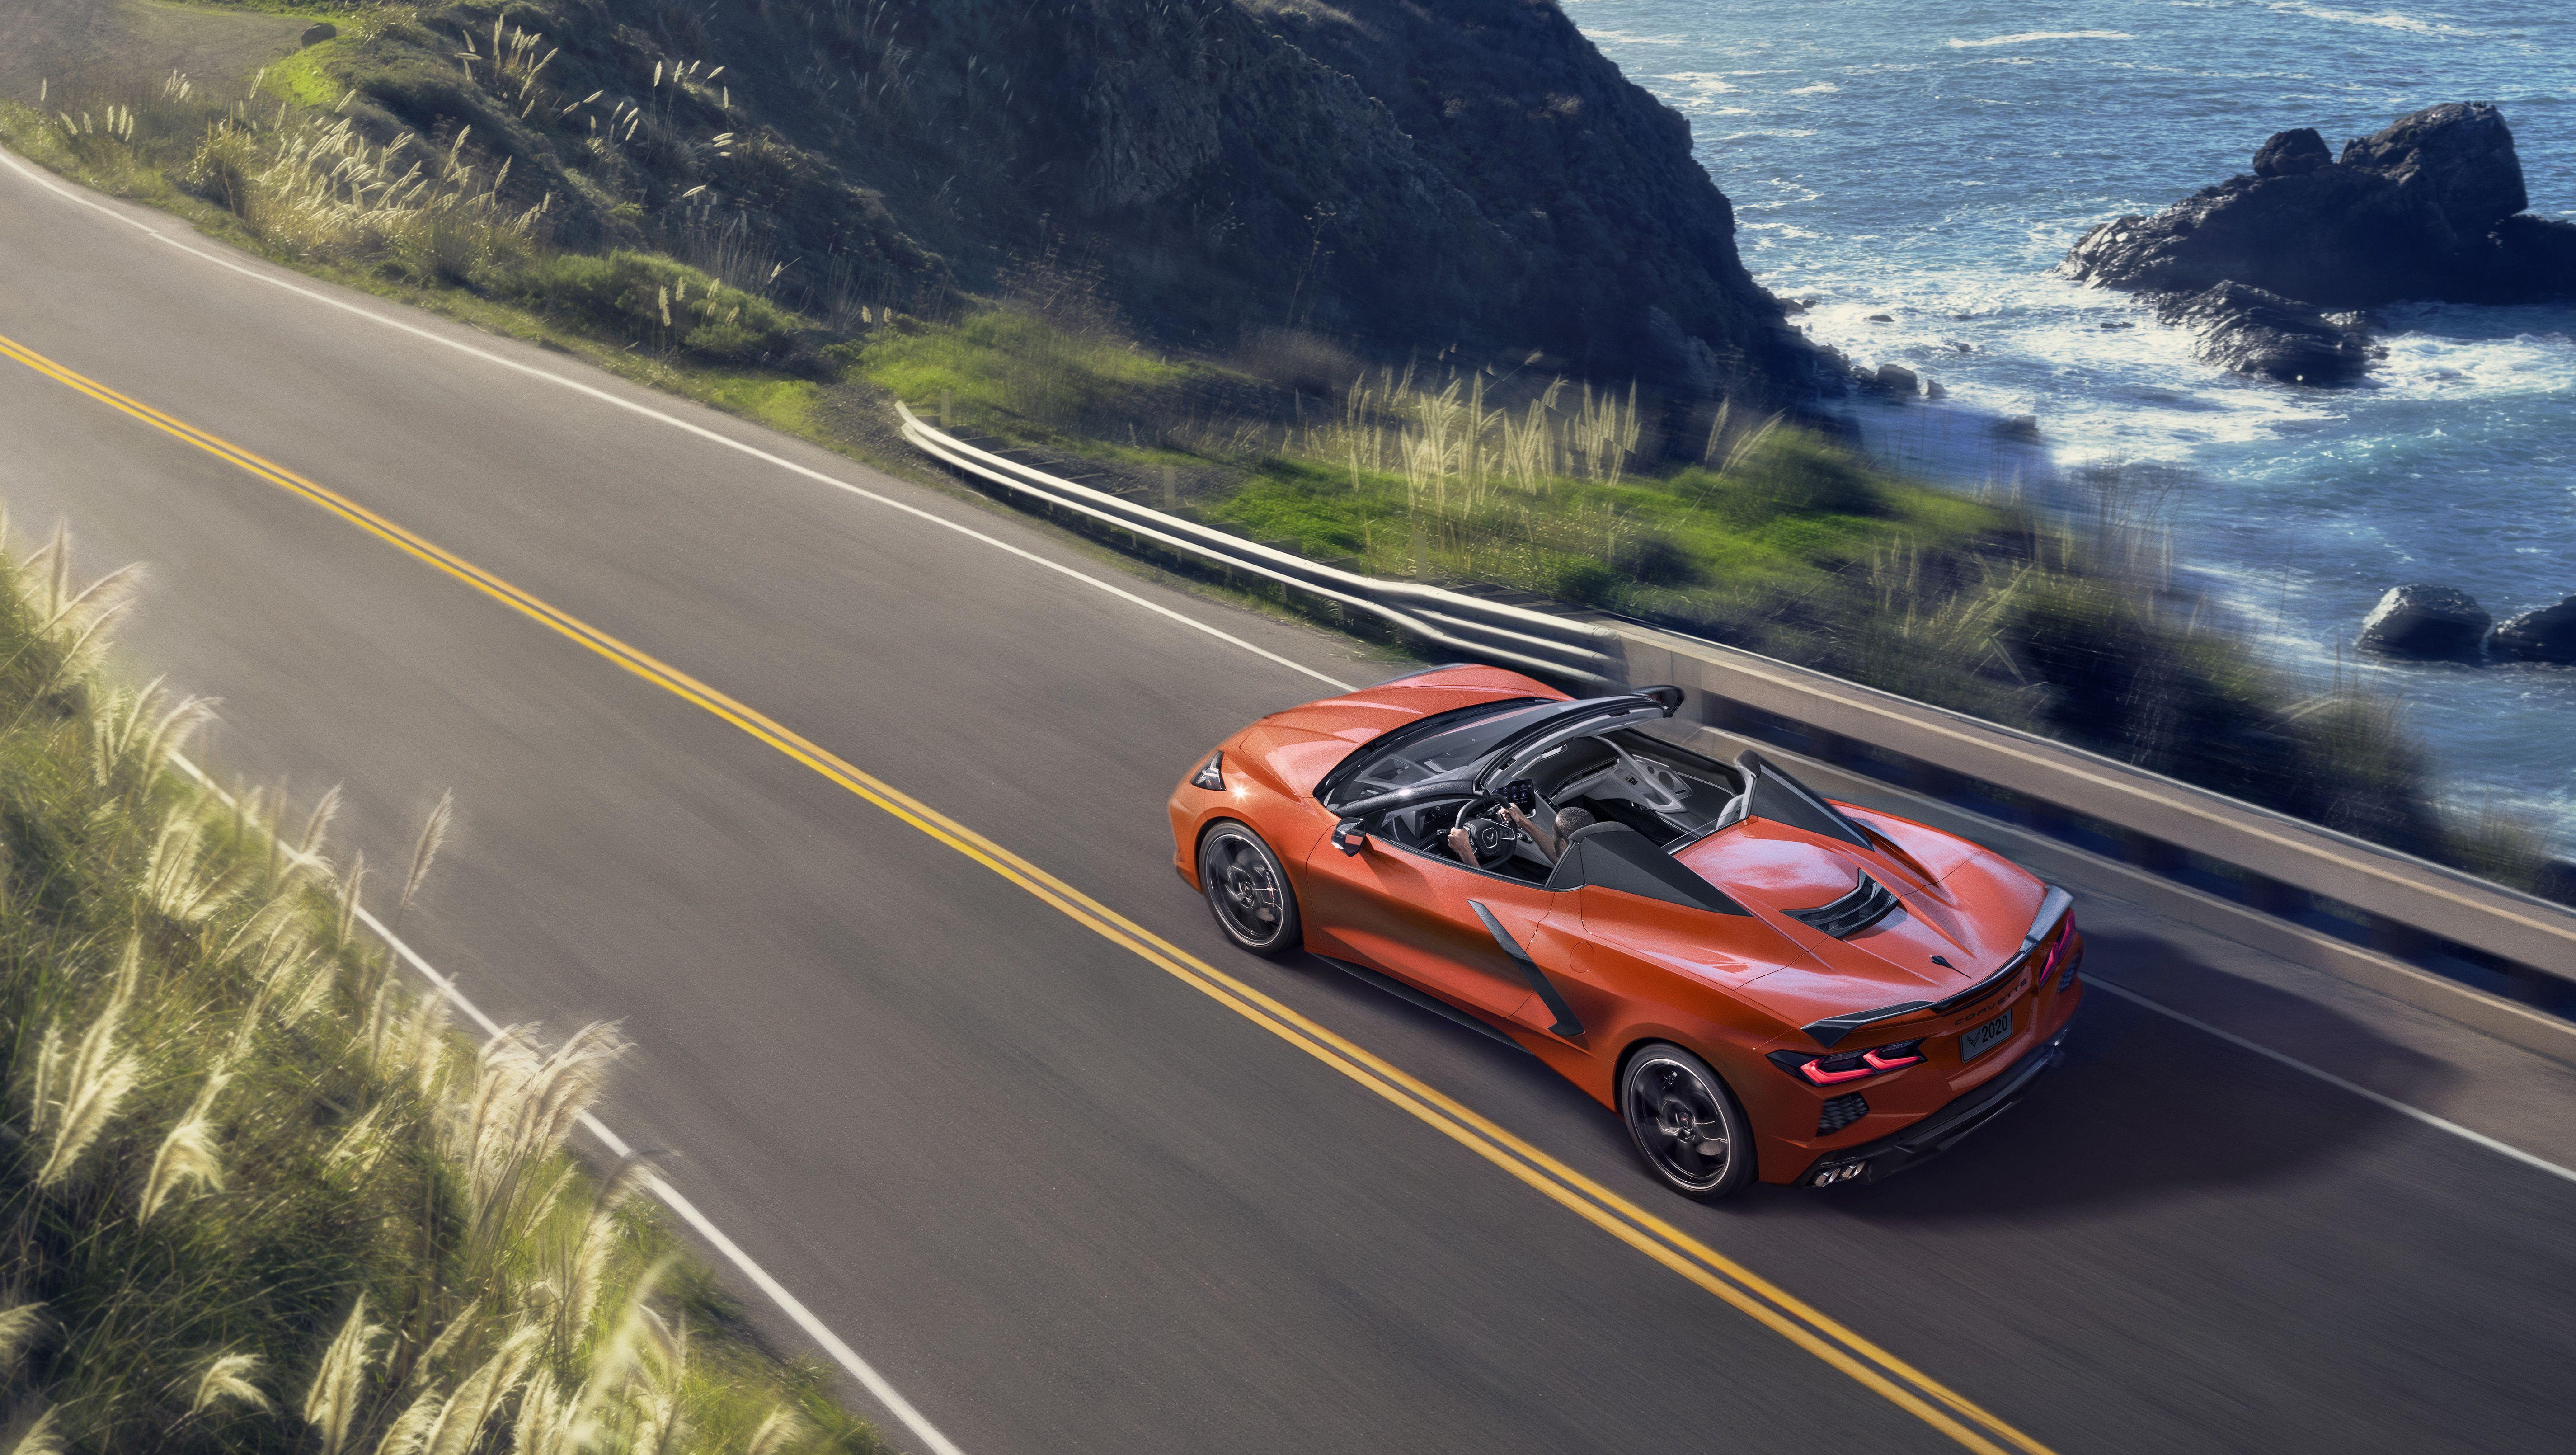 Chevrolet S Open Top 2020 Corvette C8 Weighs 77 Pounds More Than The Coupe Chevrolet Corvette Corvette Convertible Corvette